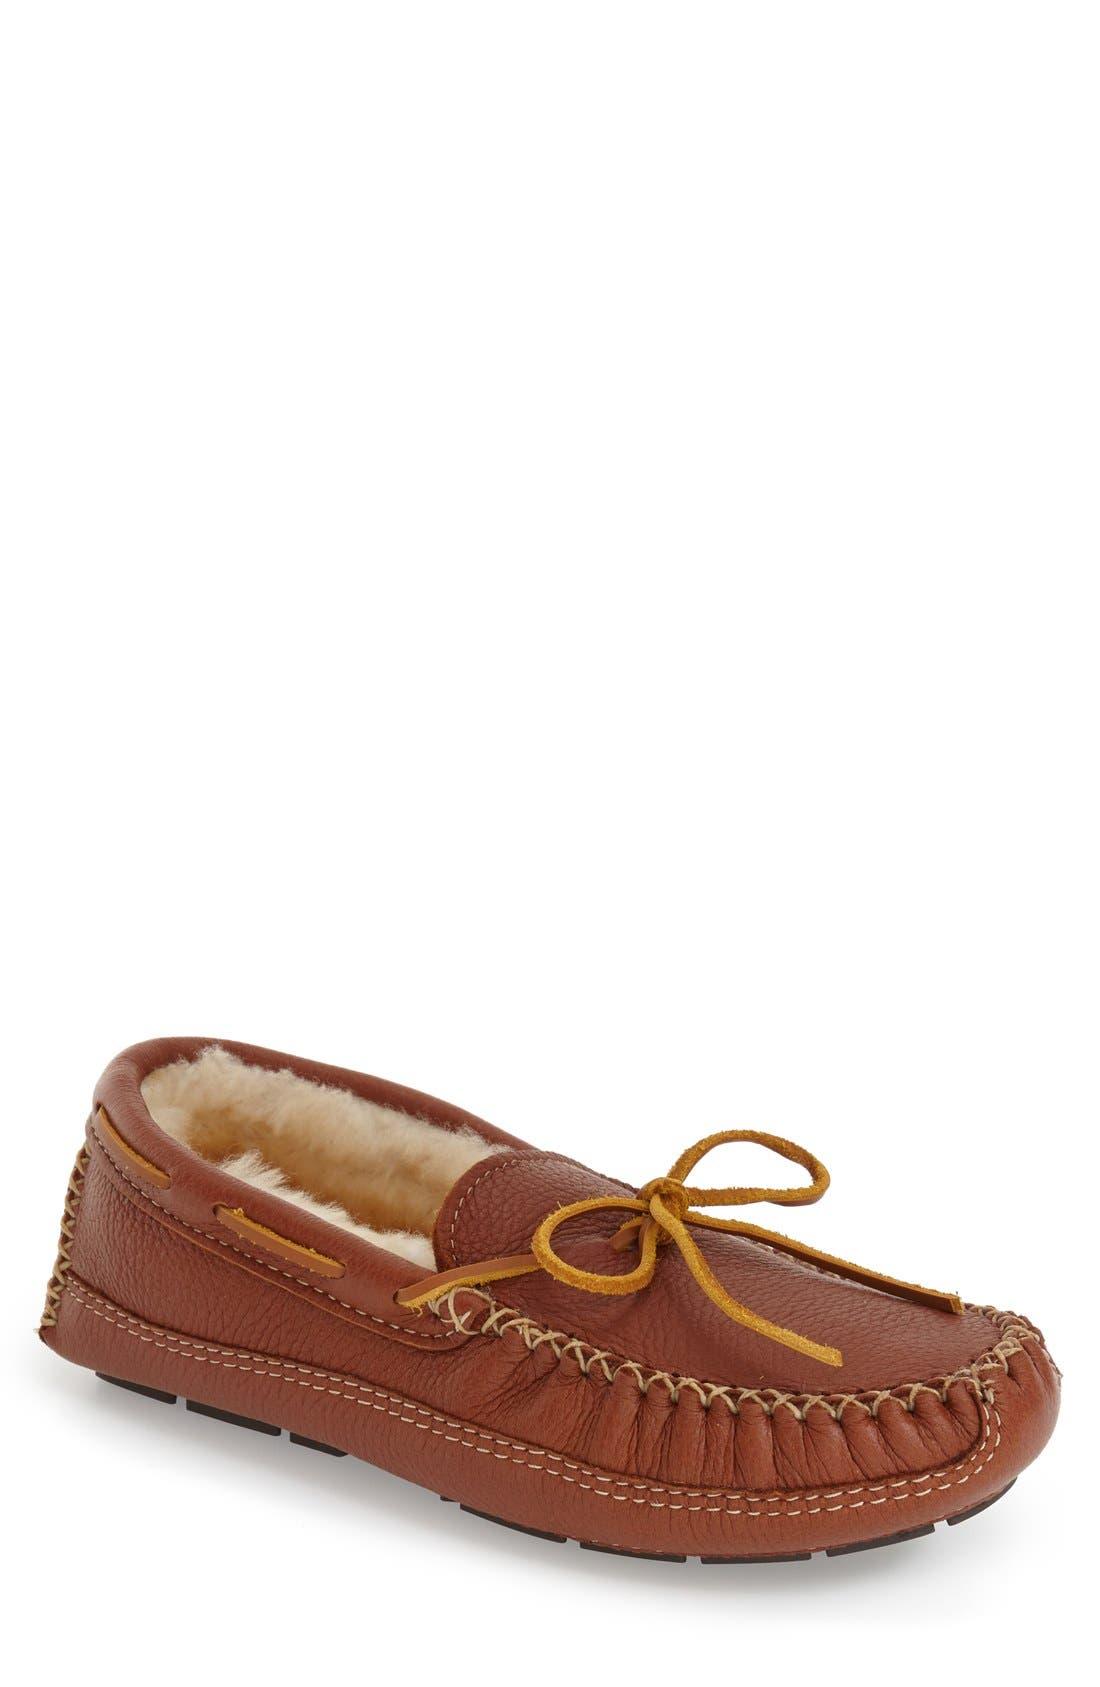 Alternate Image 1 Selected - Minnetonka Genuine Shearling Lined Leather Slipper (Men)